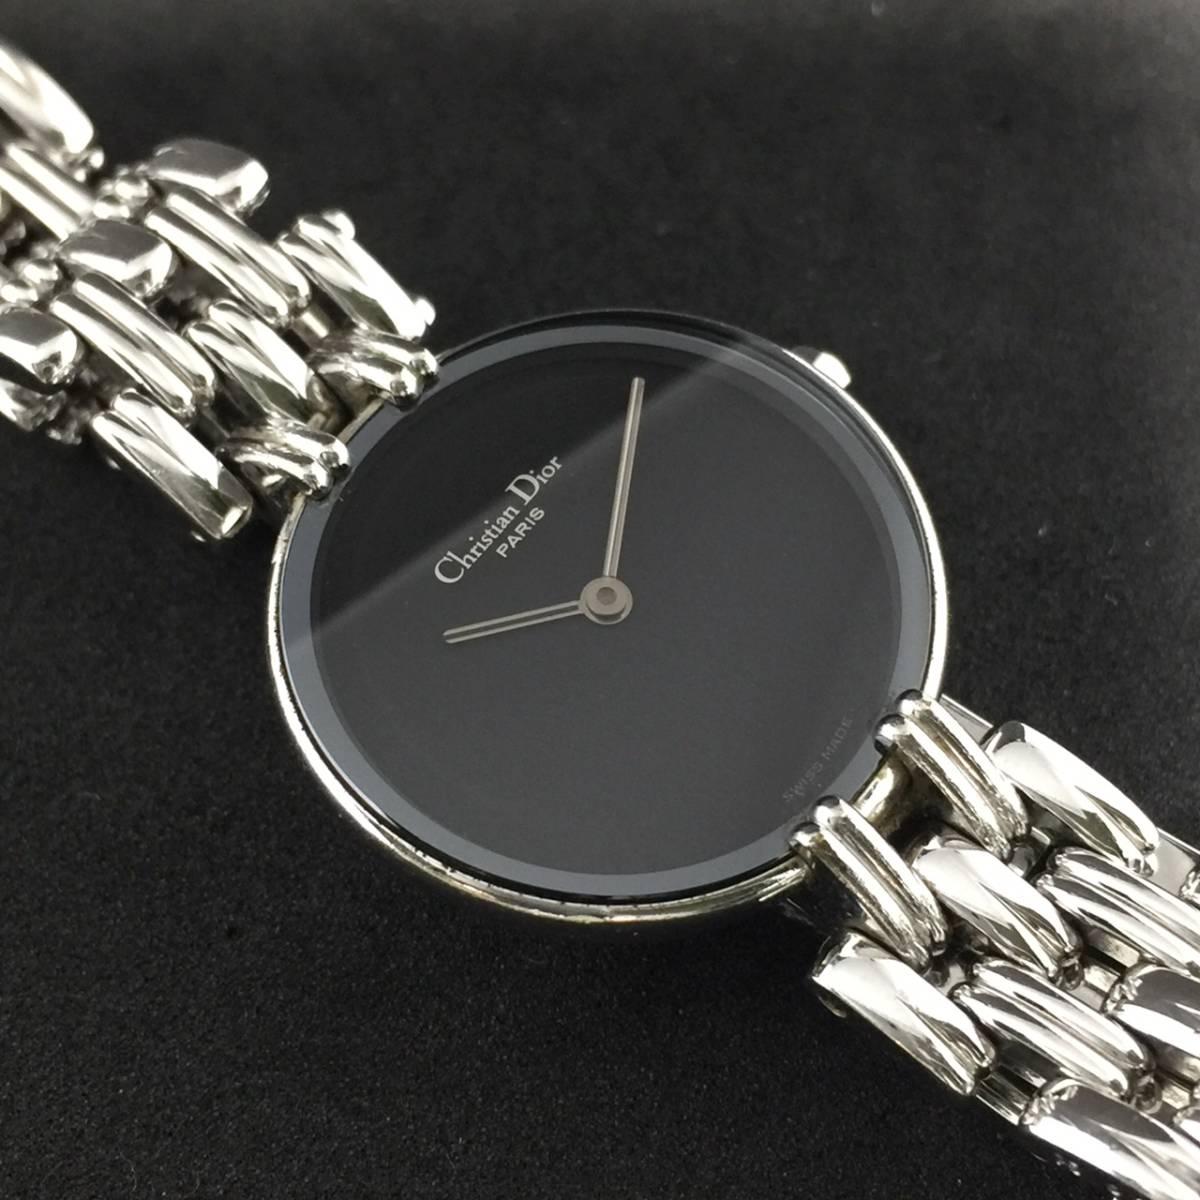 【1円~】Christian Dior クリスチャン ディオール 腕時計 レディース D44-120 Bagheera バギラ 可動品_画像2